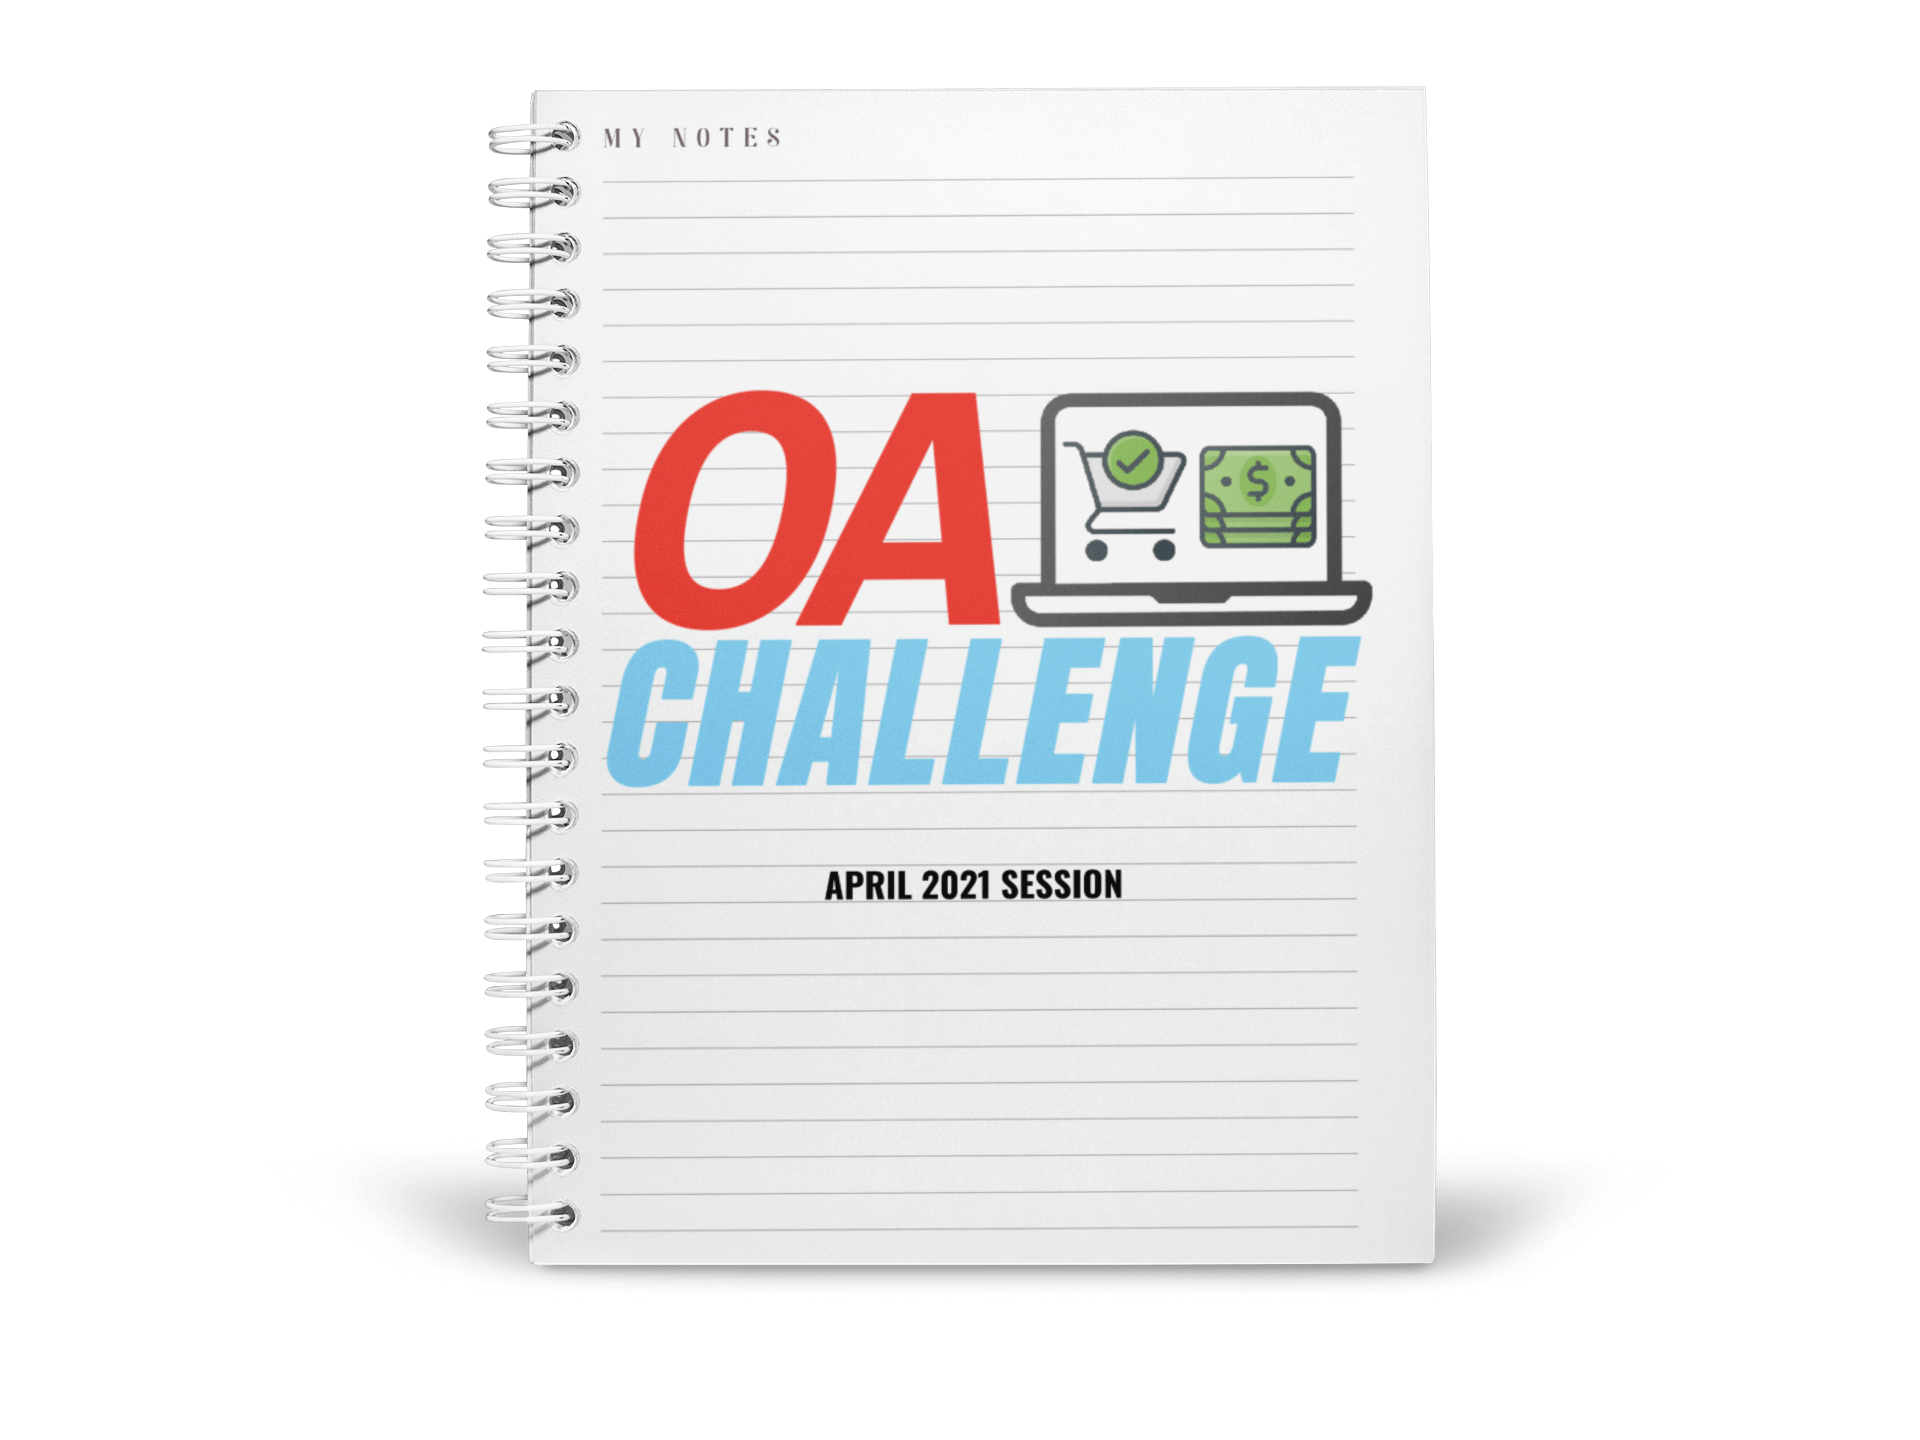 OA Challenge Notes